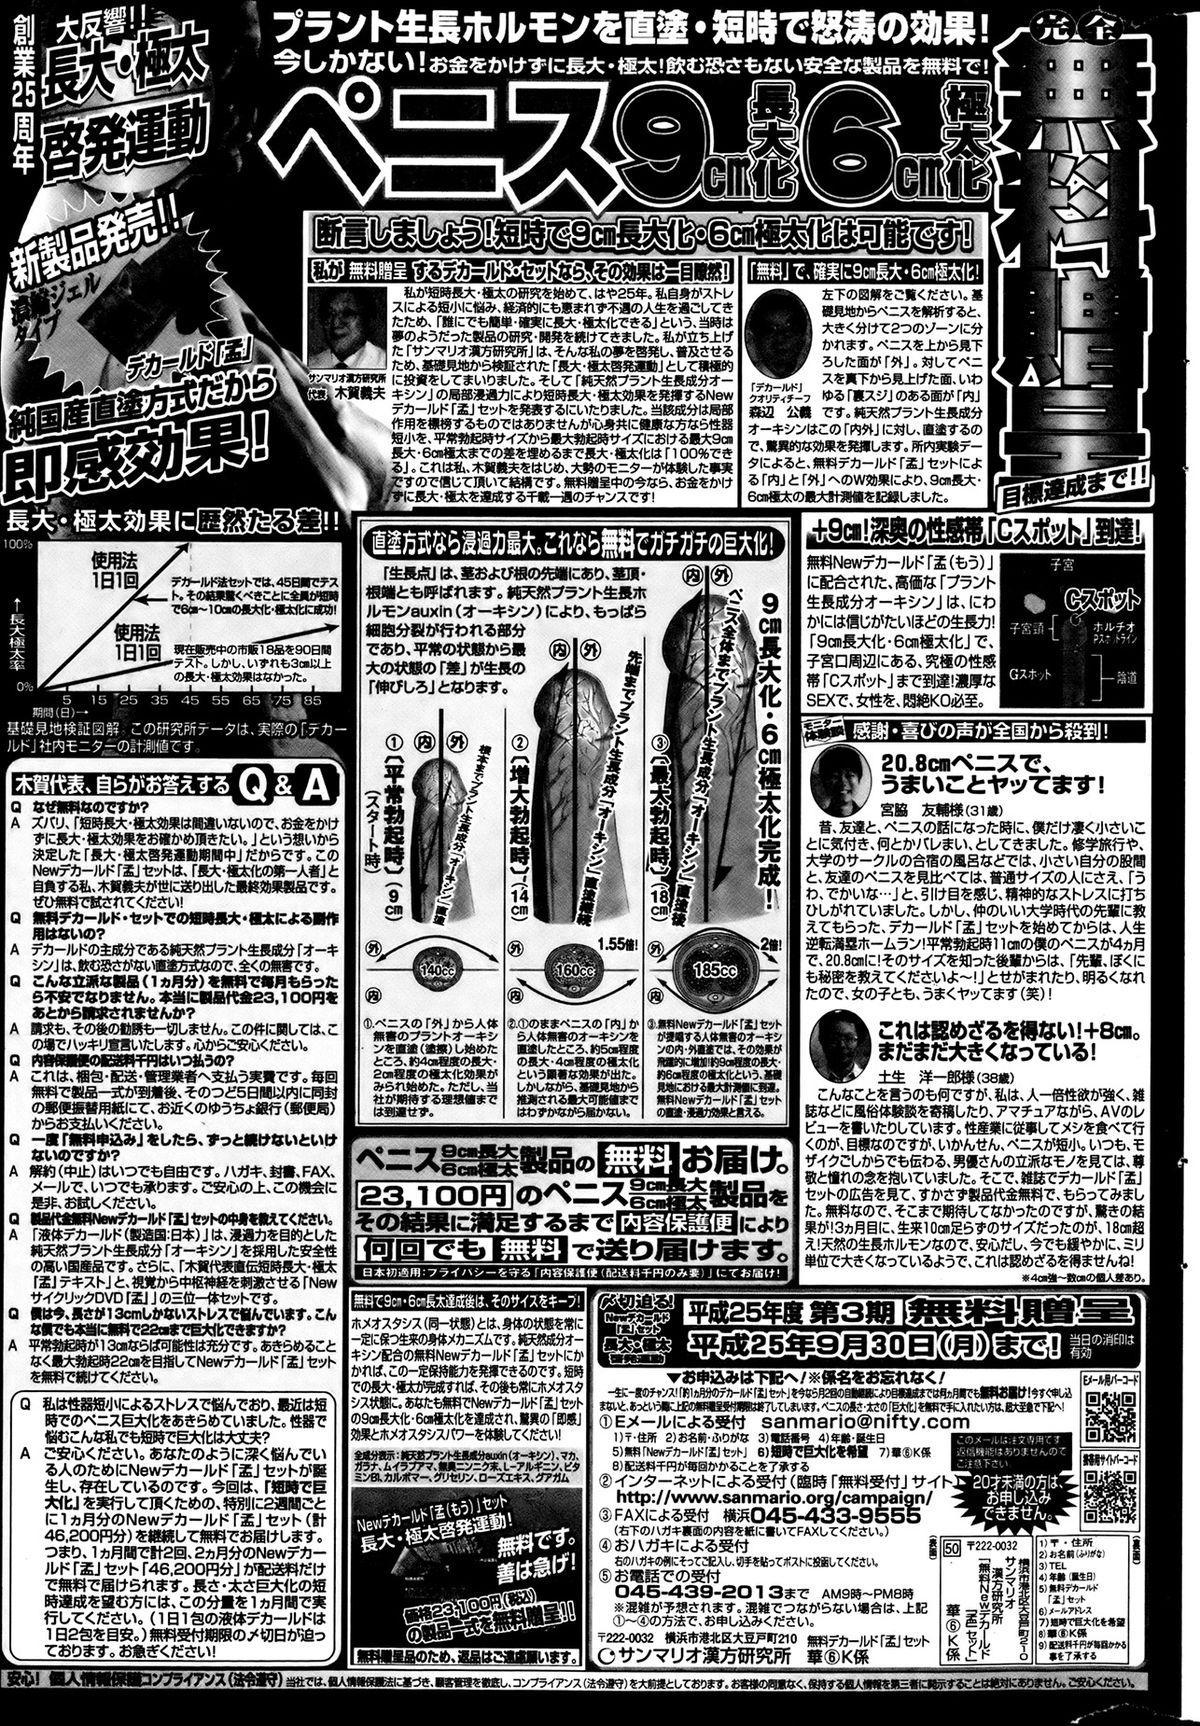 COMIC HANA-MAN 2013-08 Takeda Hiromitsu Tokushuu 270